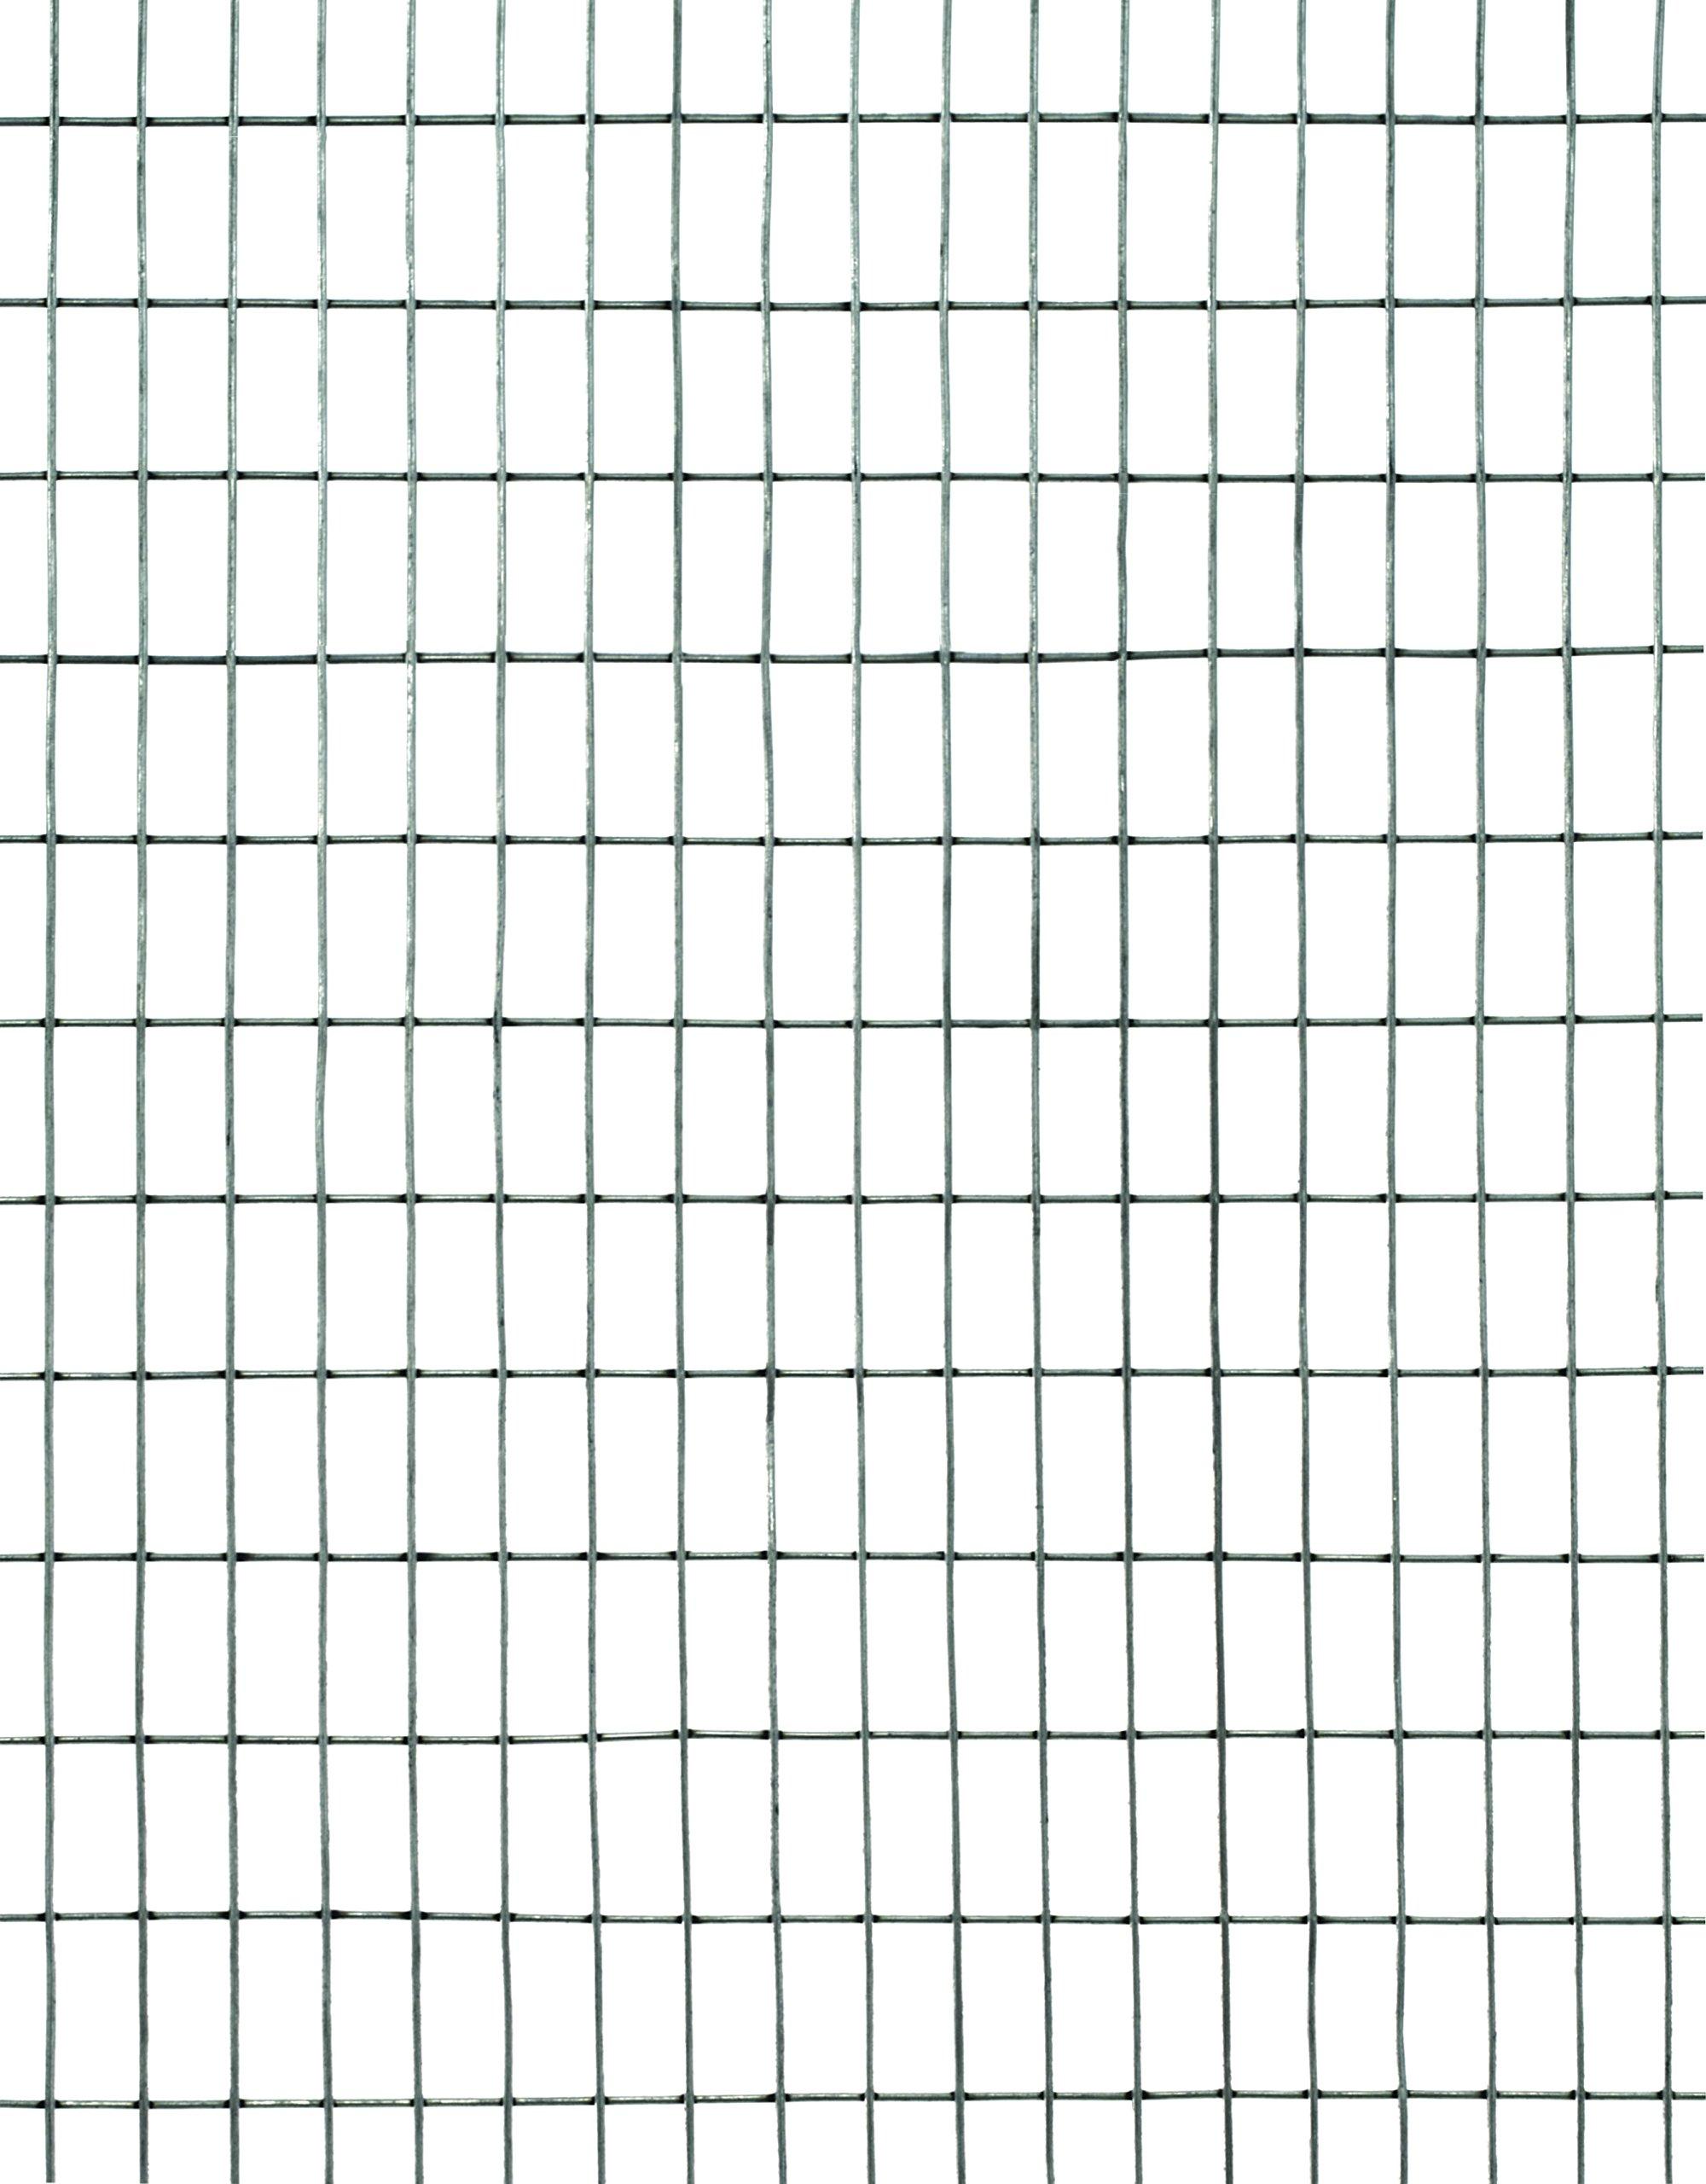 Garden Zone 48x100 1x2 14-Gauge Welded Wire by Origin Point (Image #2)